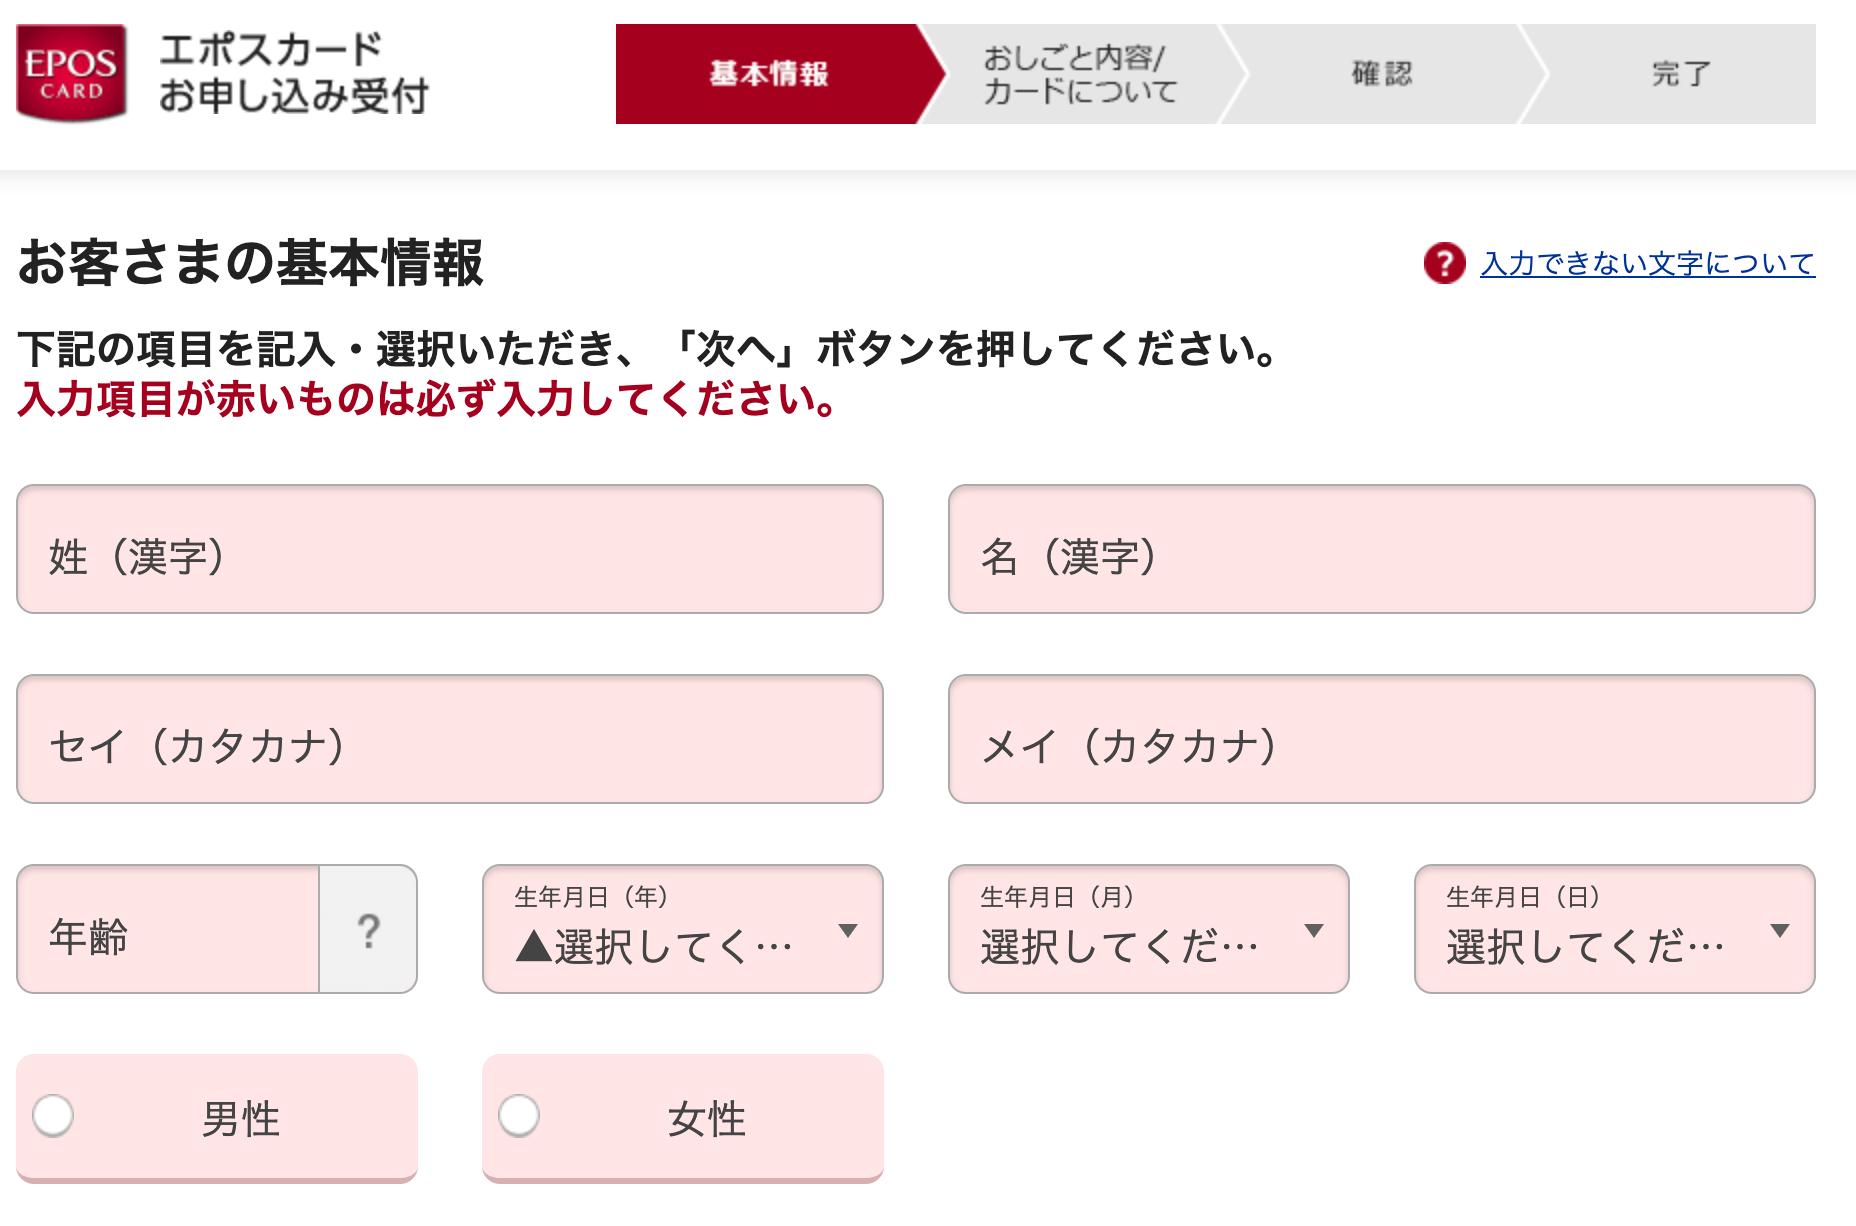 エポスカード申込み手順03